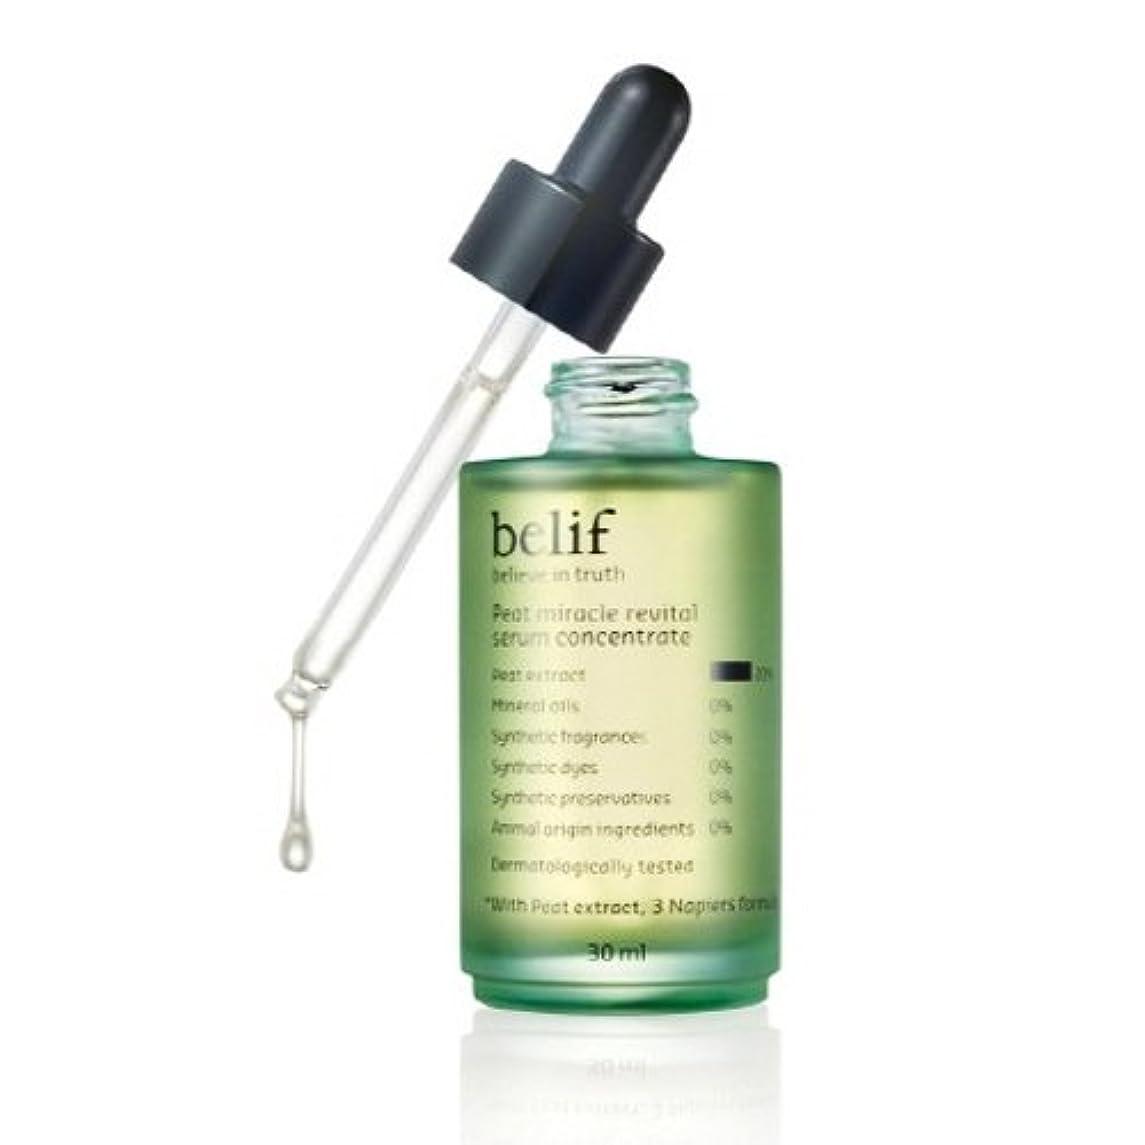 こだわり悪魔正直Belif(ビリーフ)Peat miracle revital serum concentrate 30ml(ビリーフフィートミラクルリバイタセラムコンセントレイト)シワ改善エッセンス